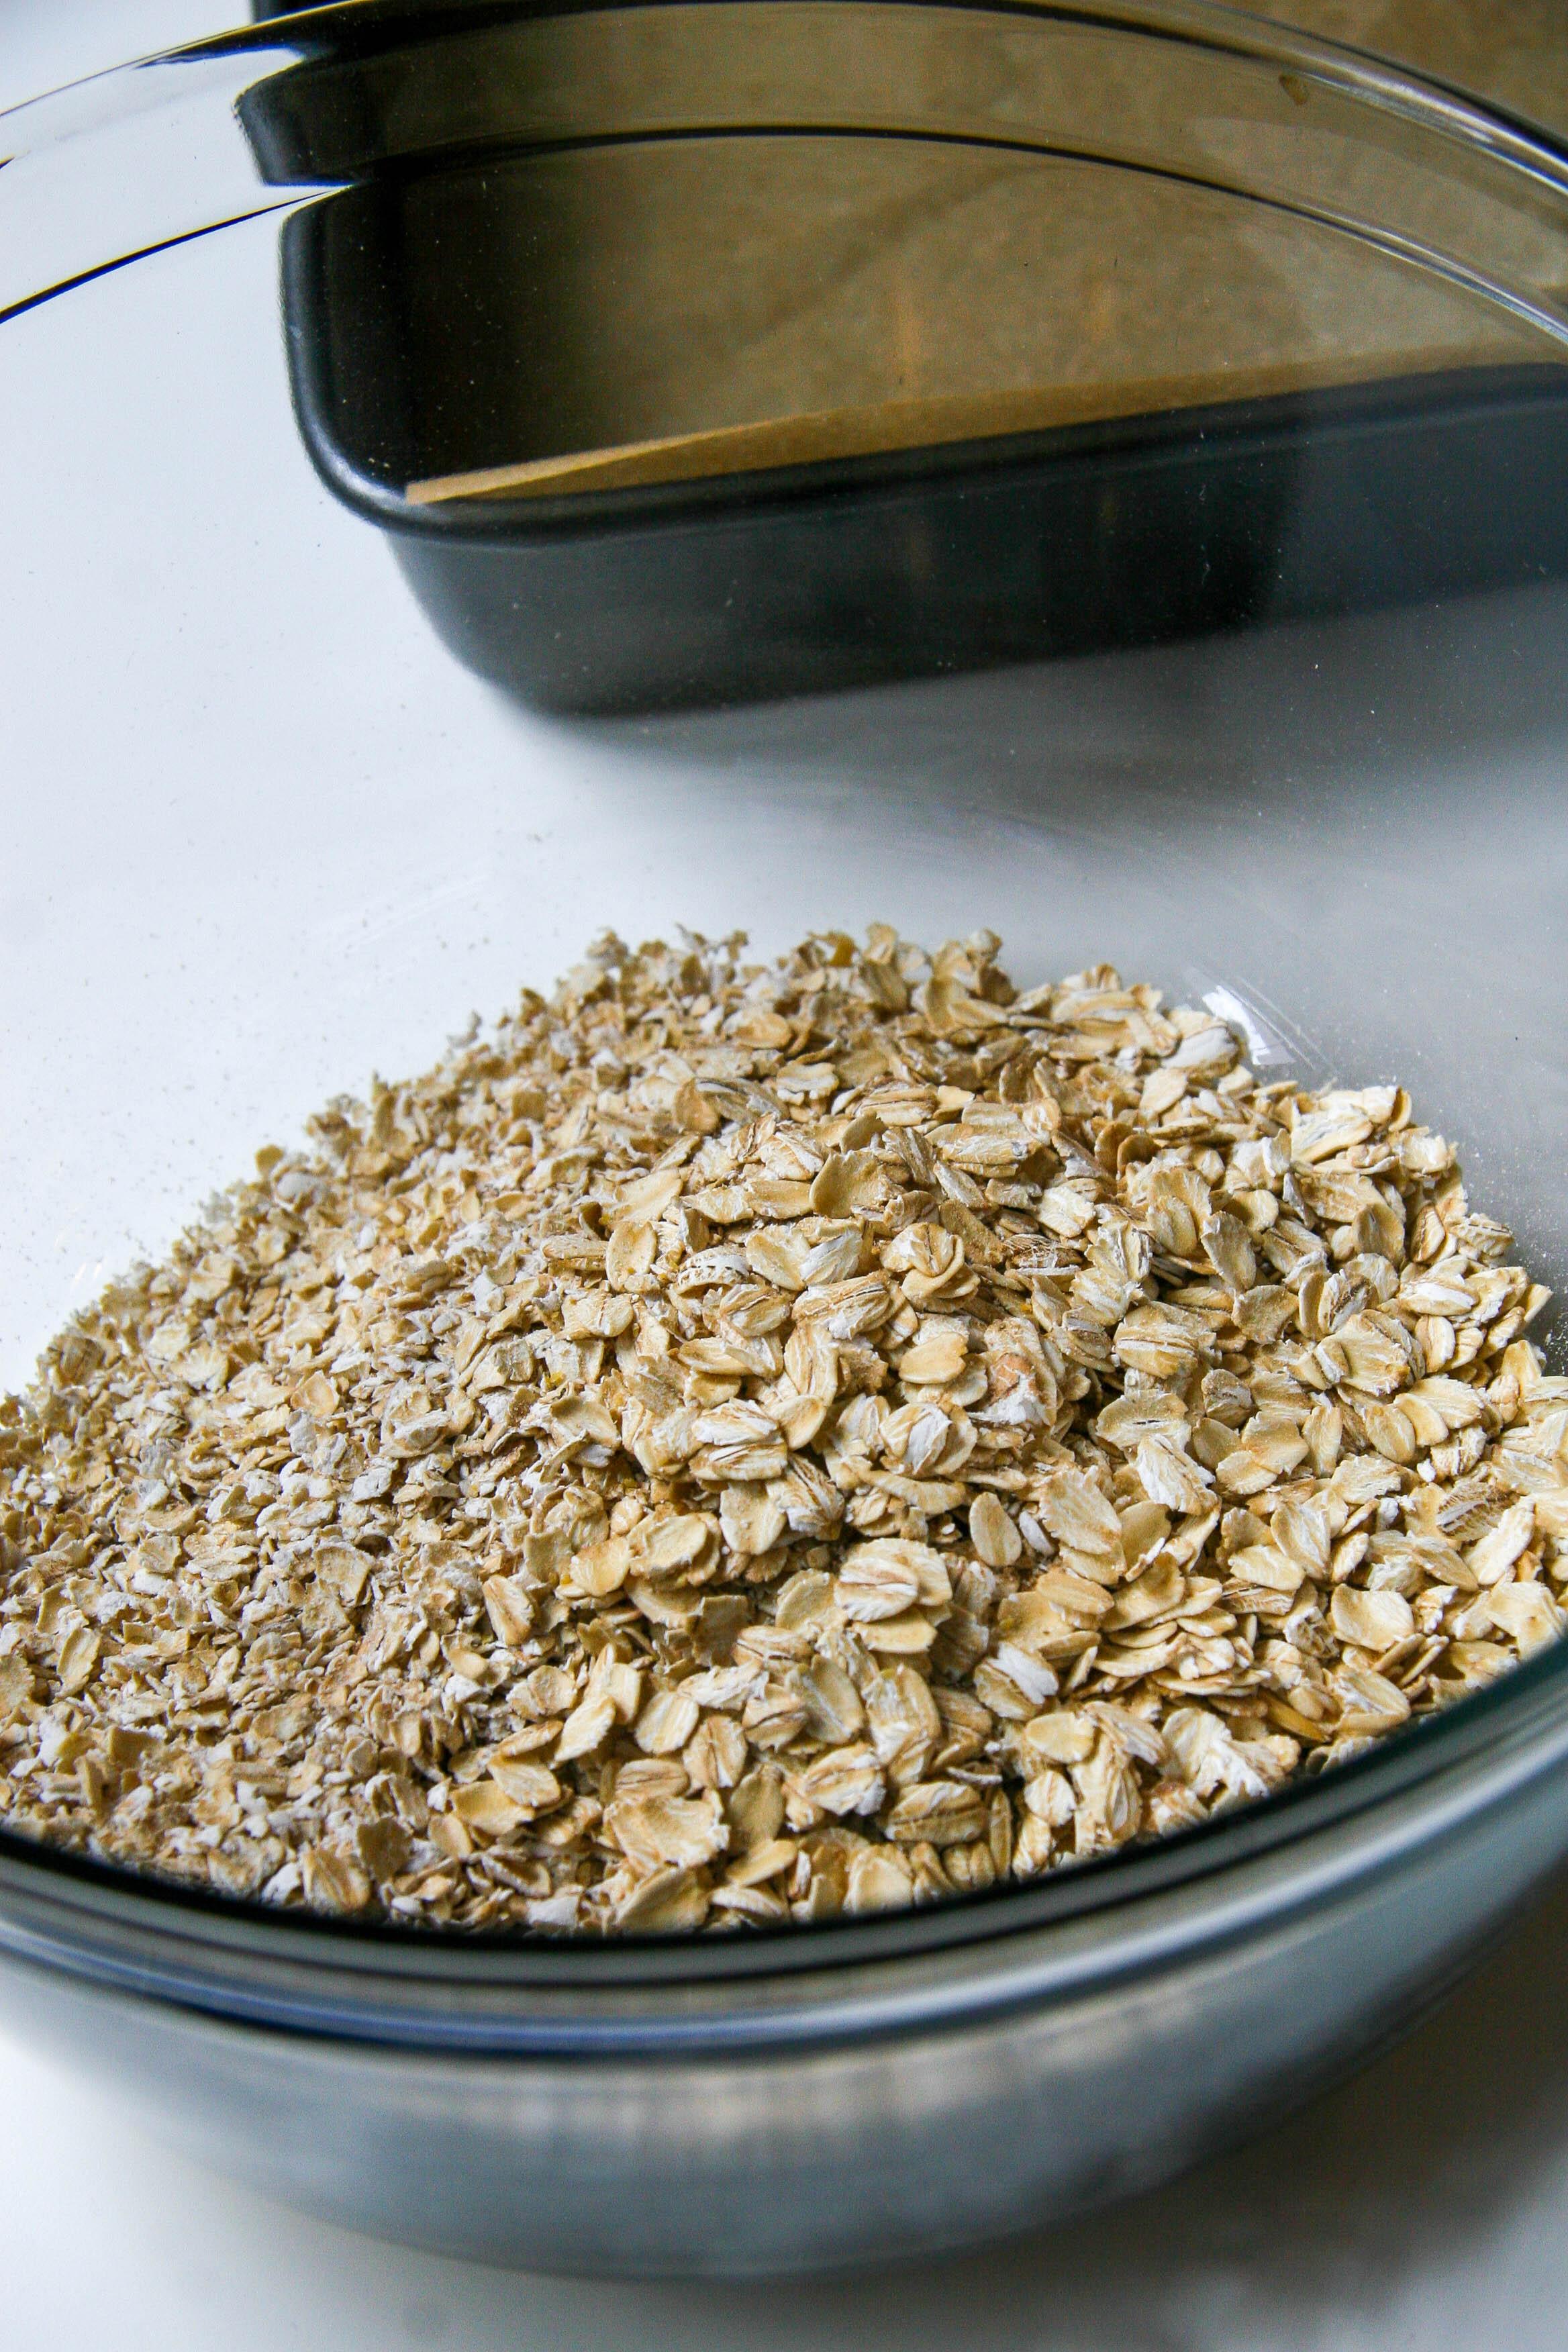 chewy-homemade-granola-nature-bars-recipe-1